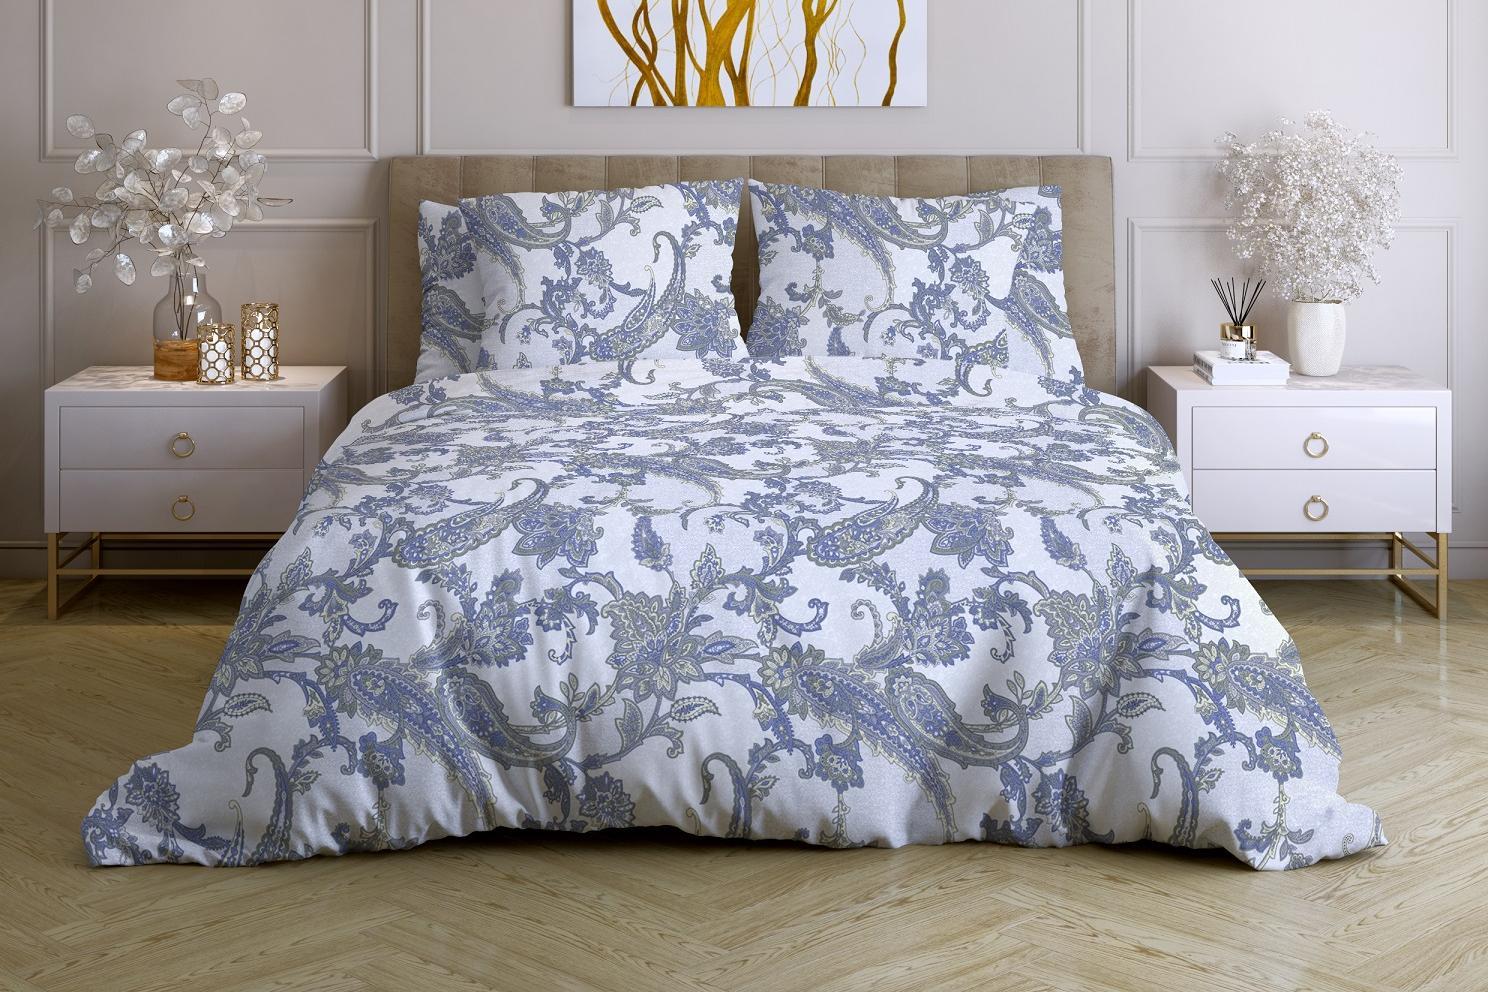 Фото - Постельное белье iv71991 (бязь) (1,5 спальный) постельное белье iv72687 бязь 1 5 спальный